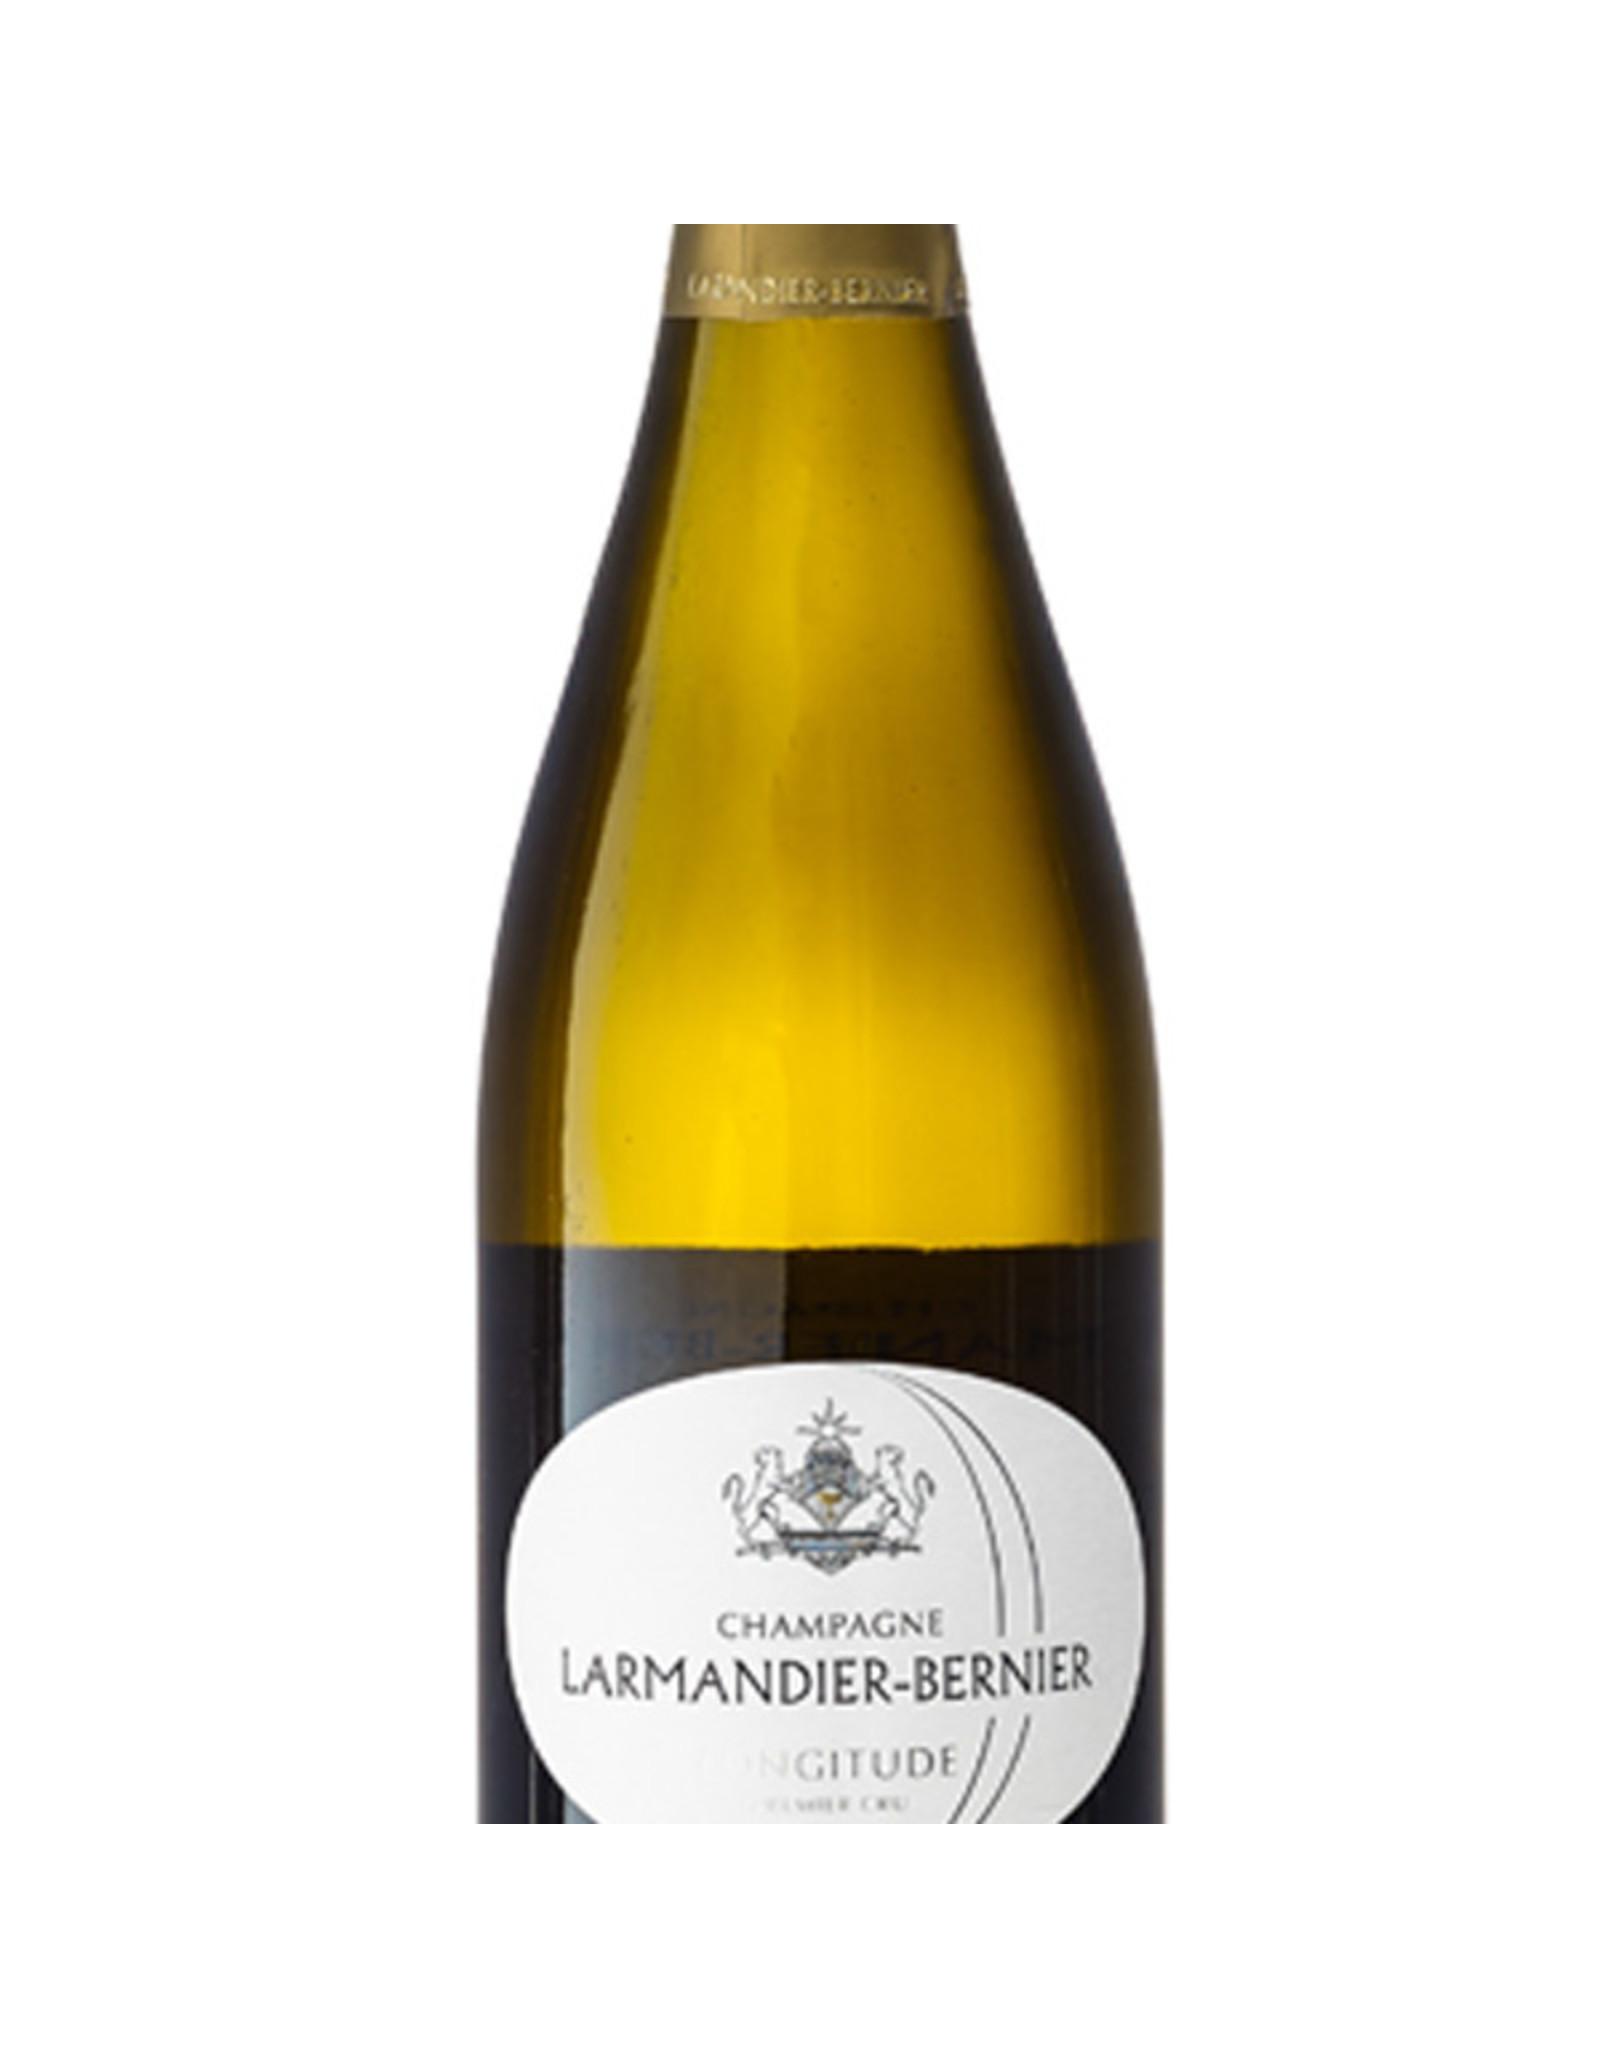 Larmandier-Bernier, Vertus Larmandier Longitude Magnum